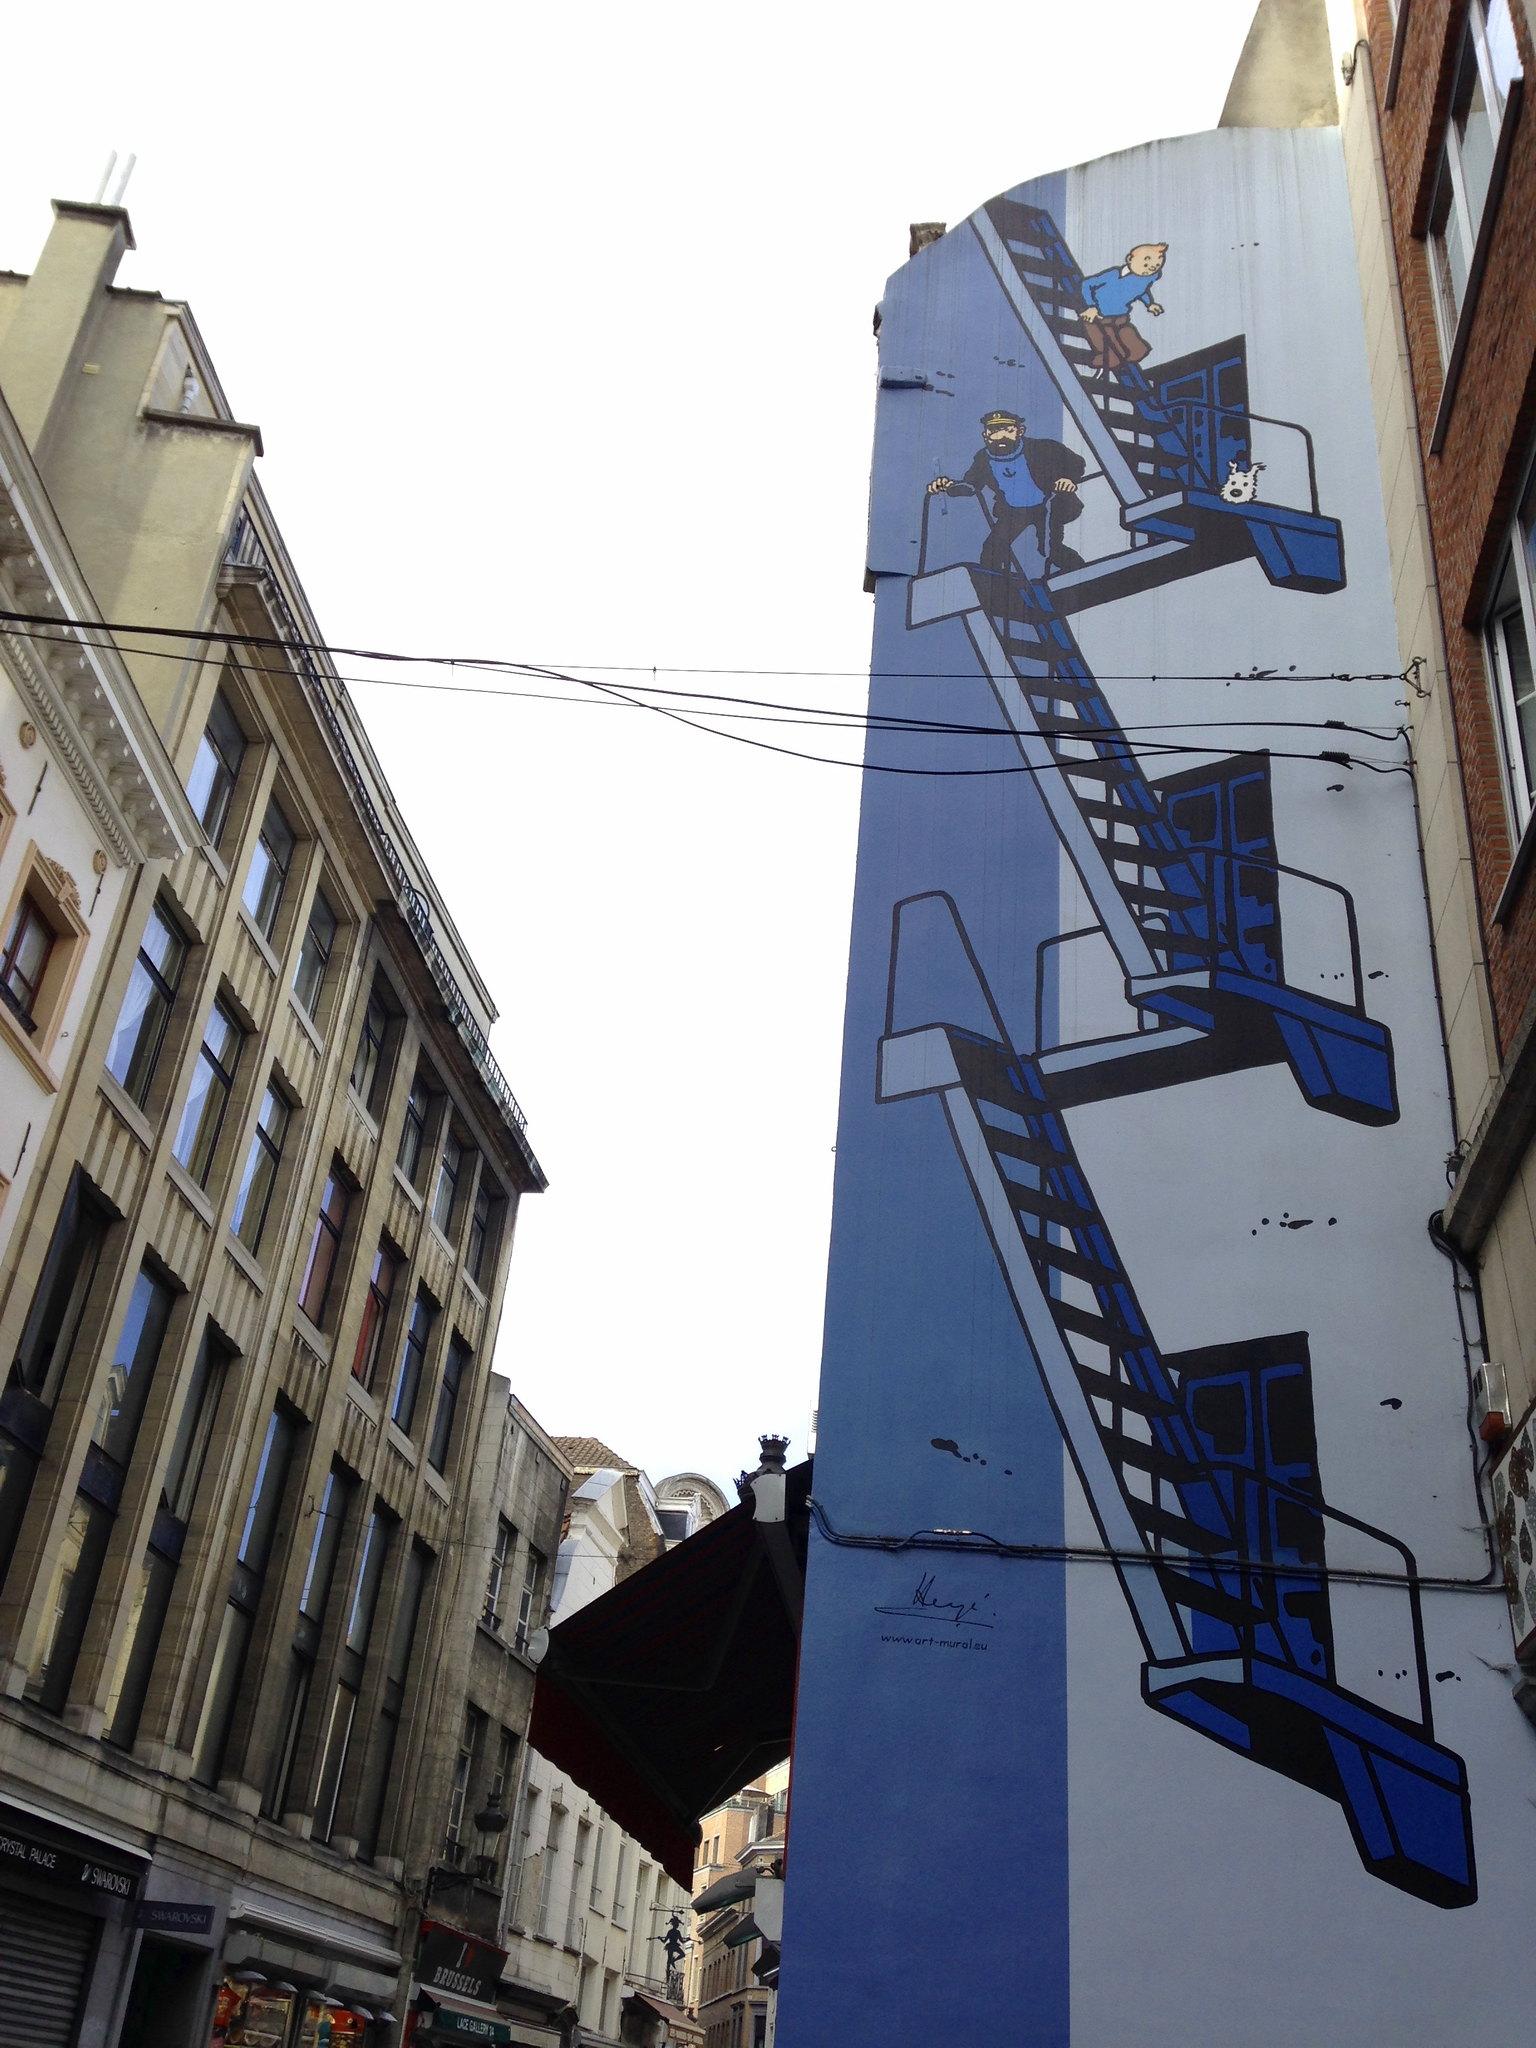 Bruxelles_ott_04